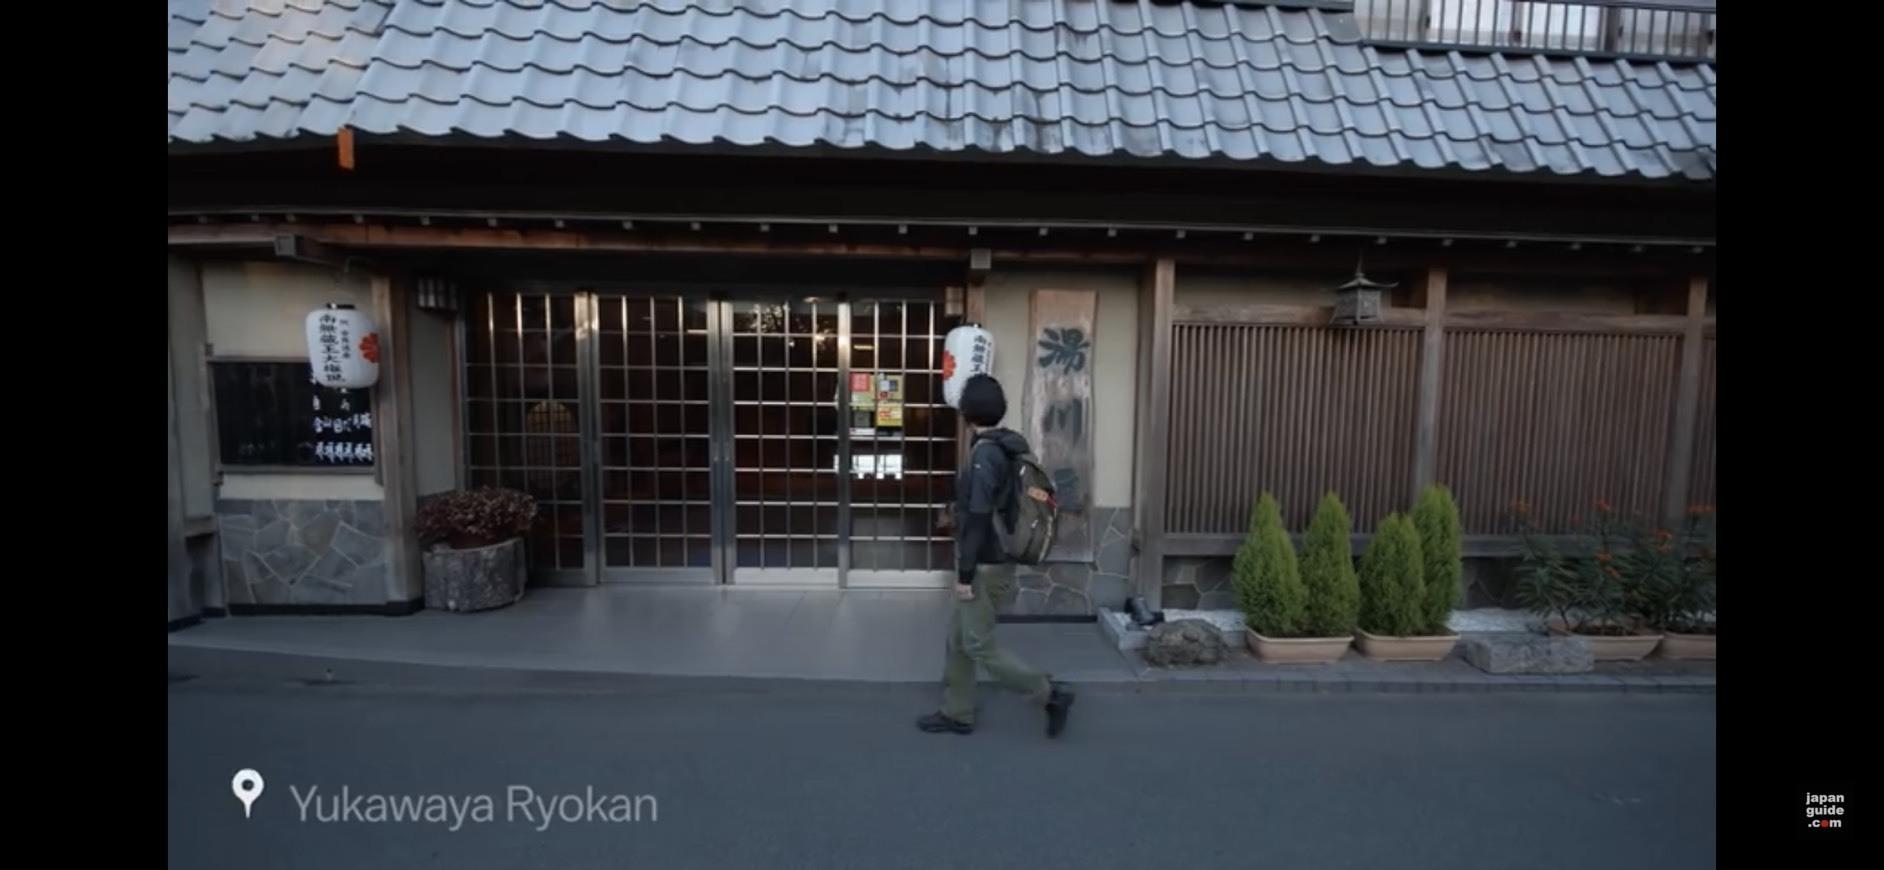 有名訪日観光客情報サイト<Japan Guide>さんに掲載していただきました!_e0154524_00553765.jpg